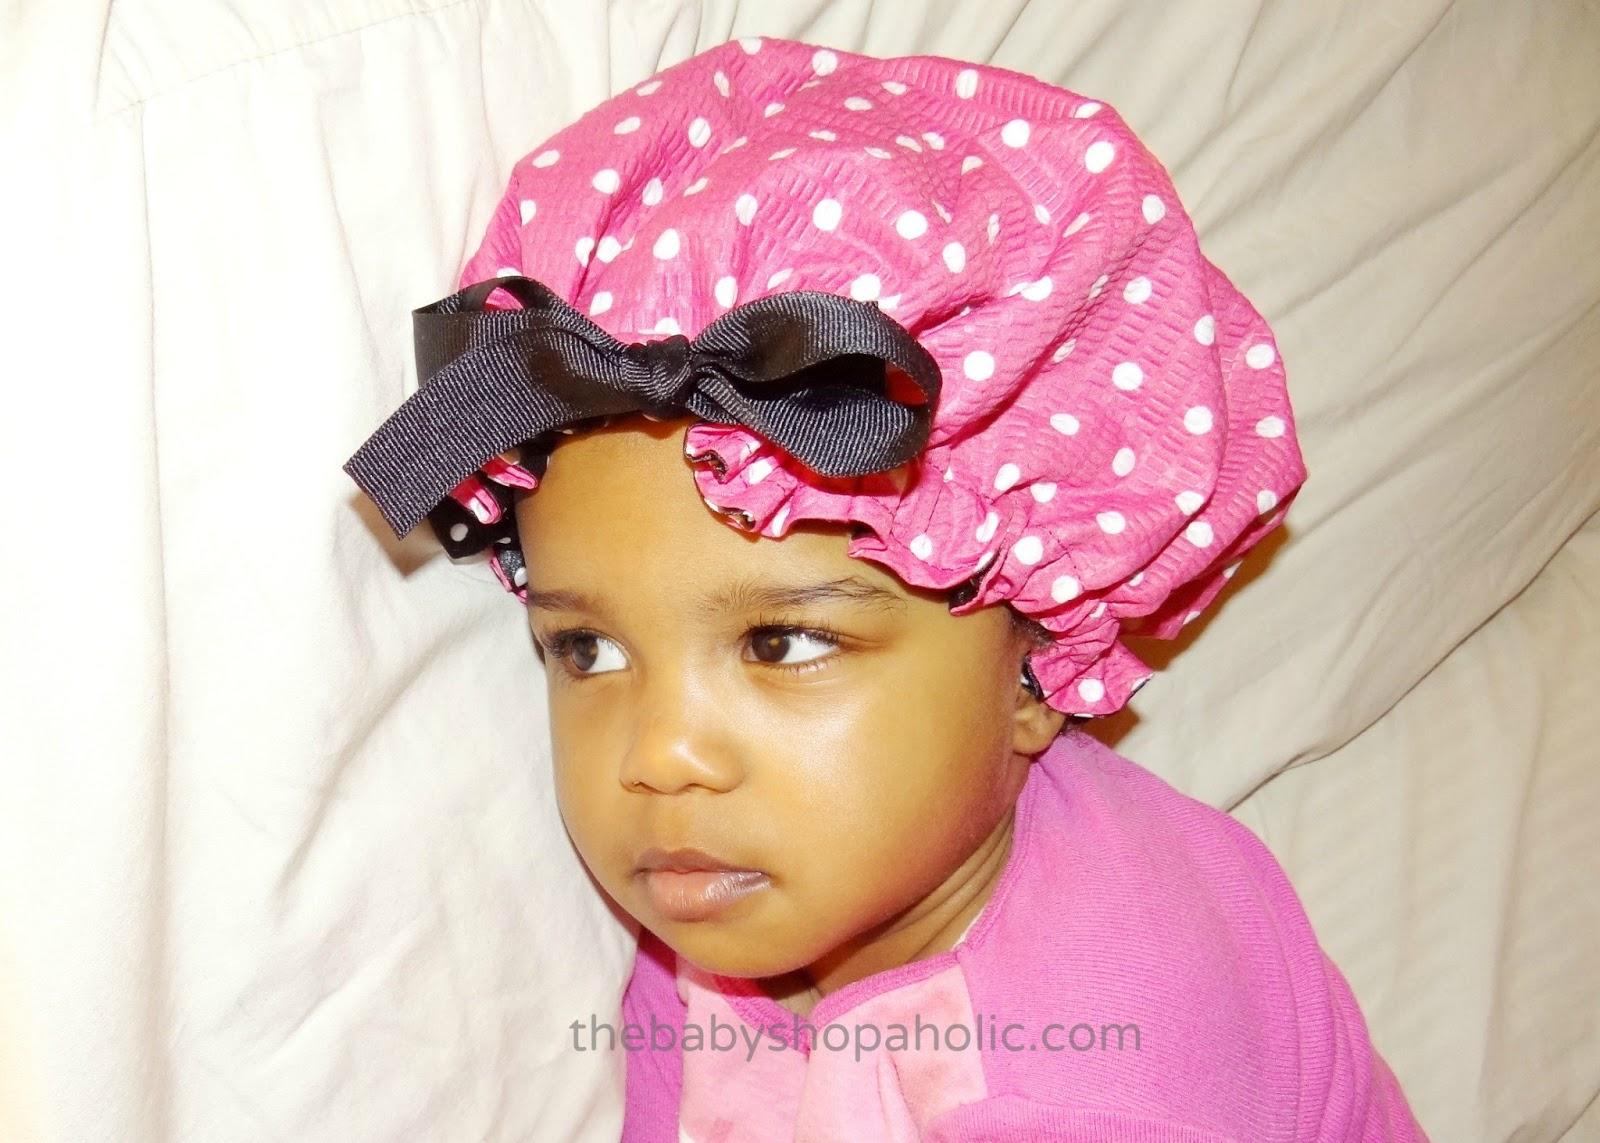 Baby Shopaholic Silky Wraps Kids Hair Bonnet Review